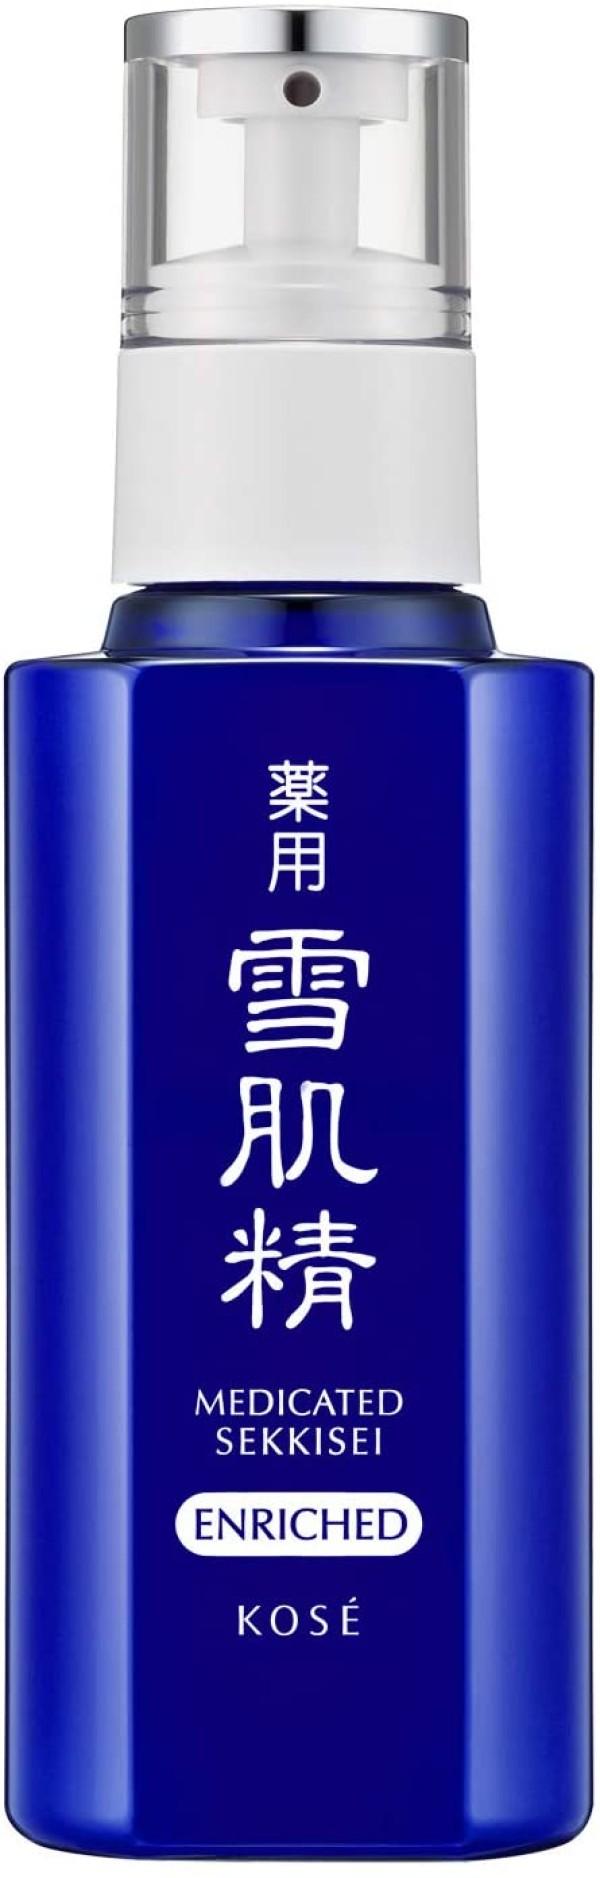 Питательная отбеливающая и увлажняющая эмульсия KOSE Sekkisei Medicated Enriched